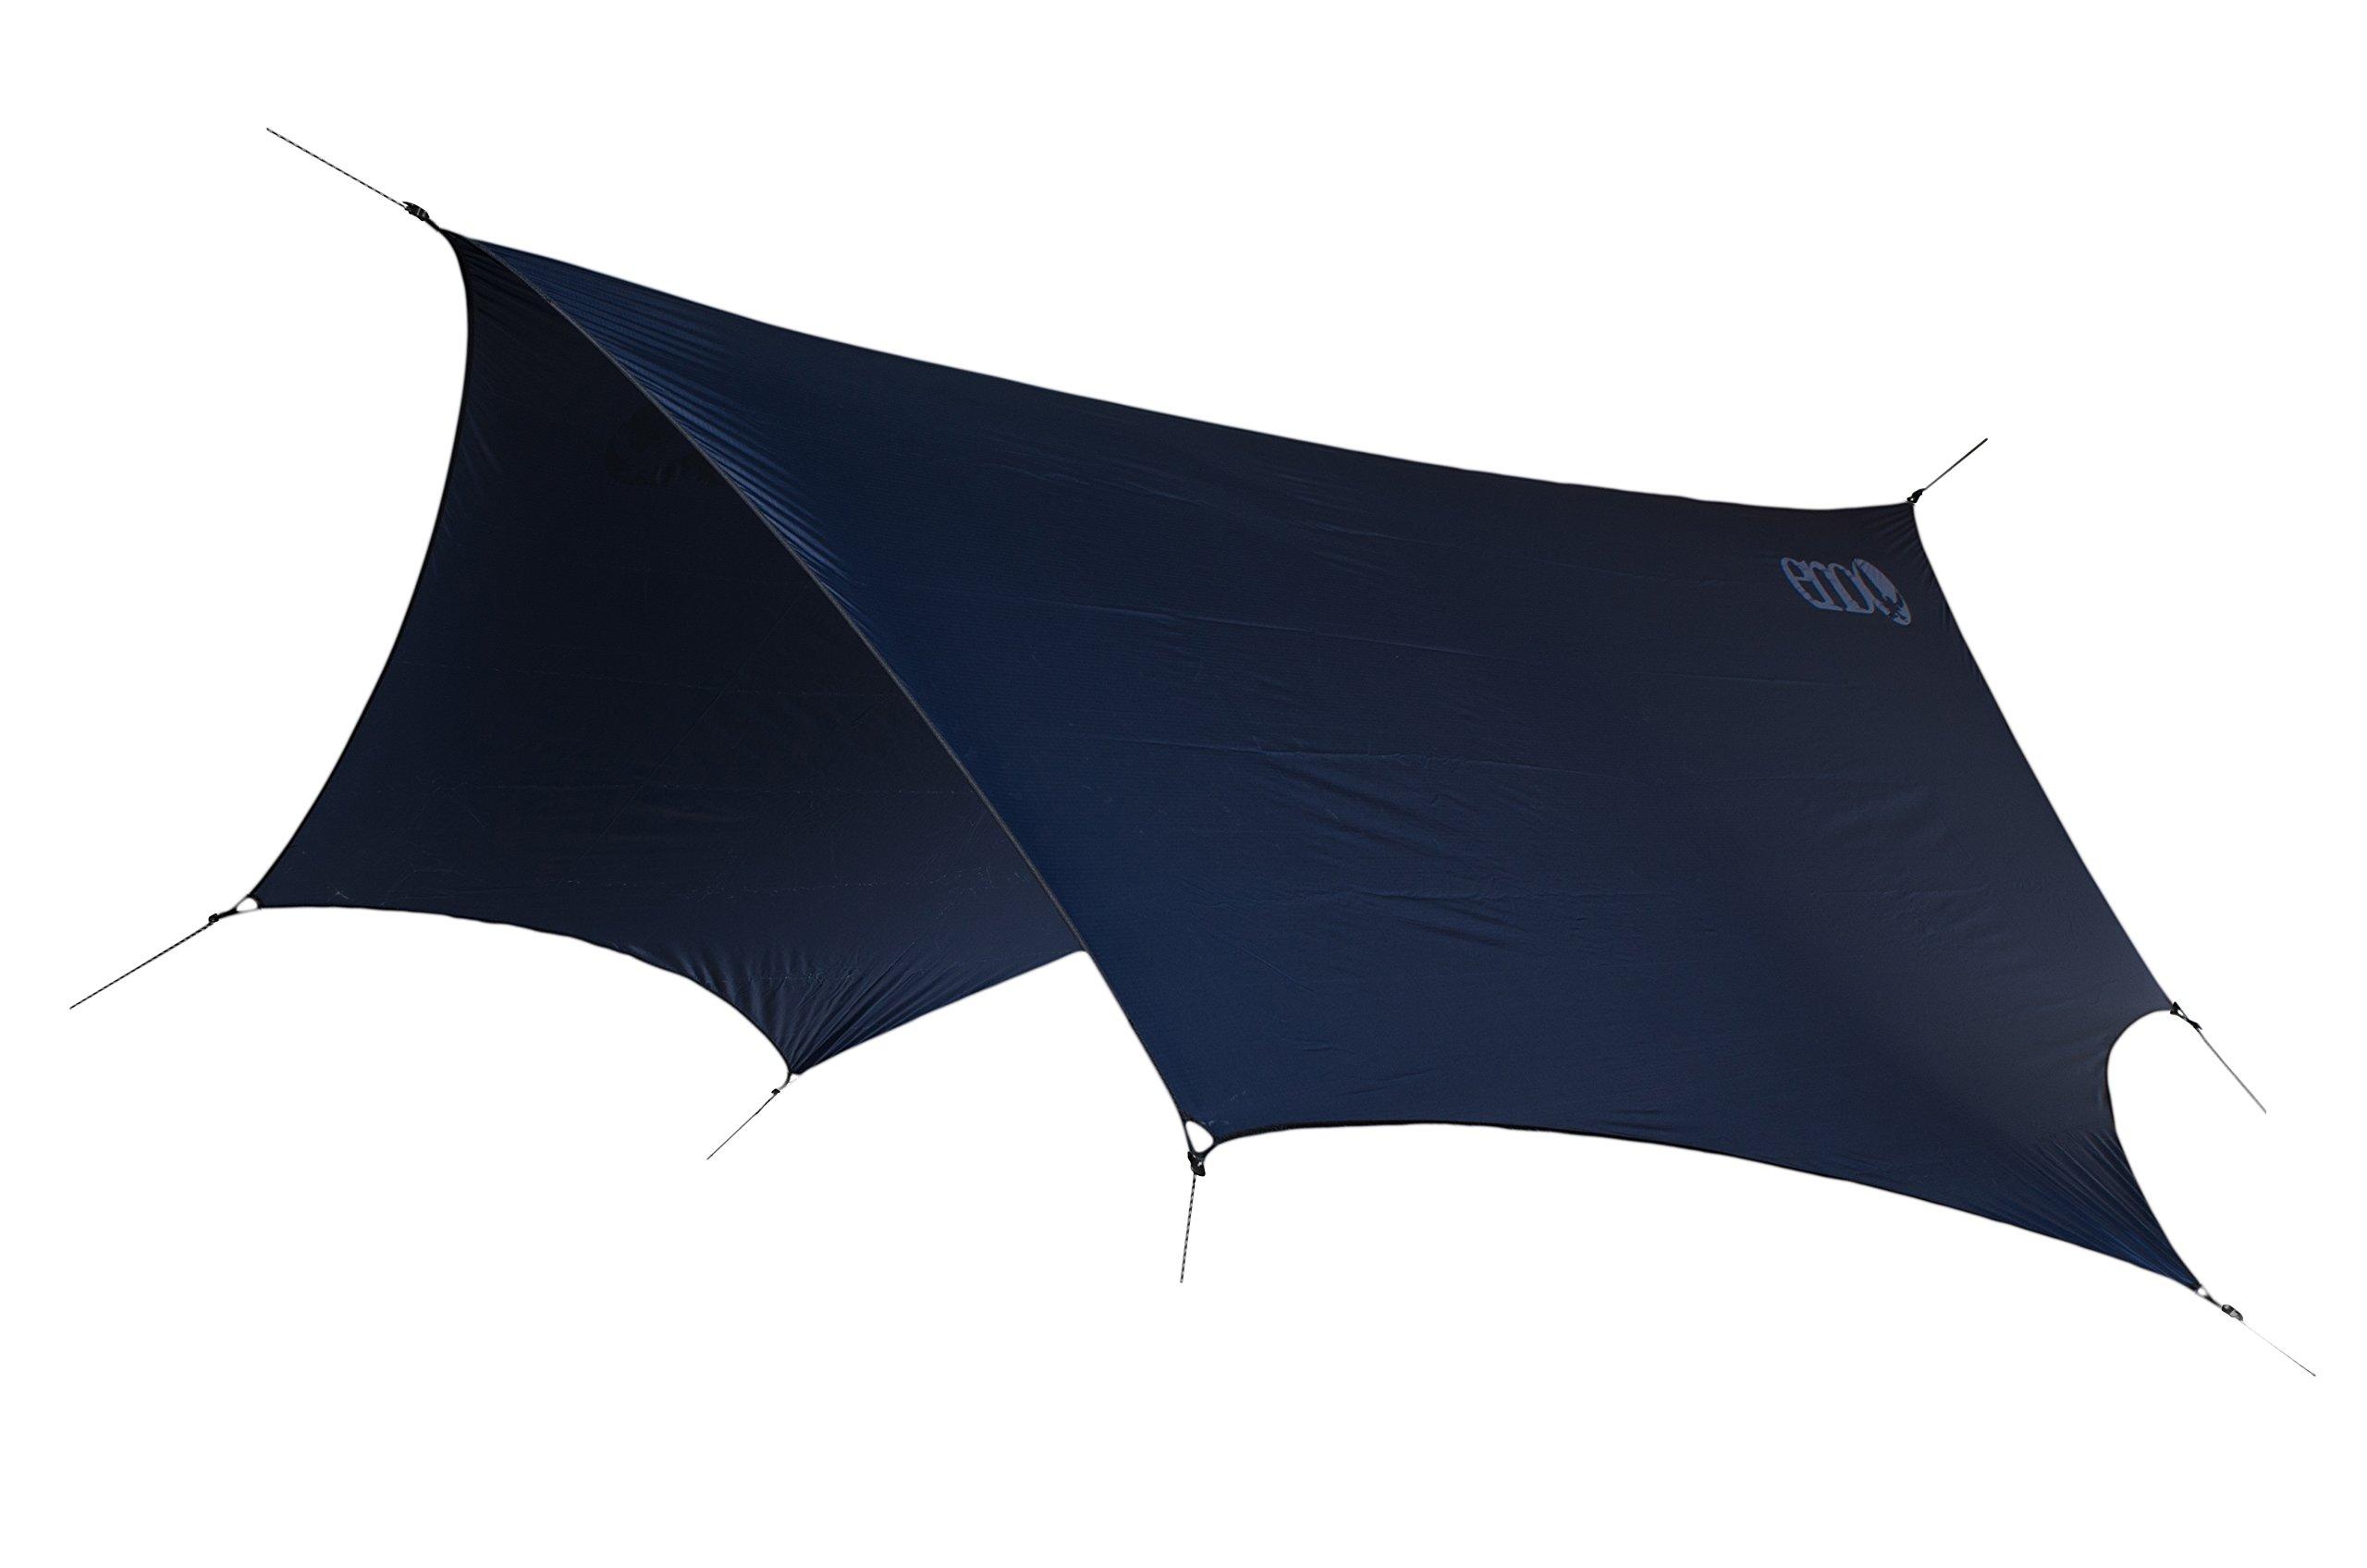 ENO - Eagles Nest Outfitters DryFly Rain Tarp, Ultralight Hammock Accessory, Navy by ENO